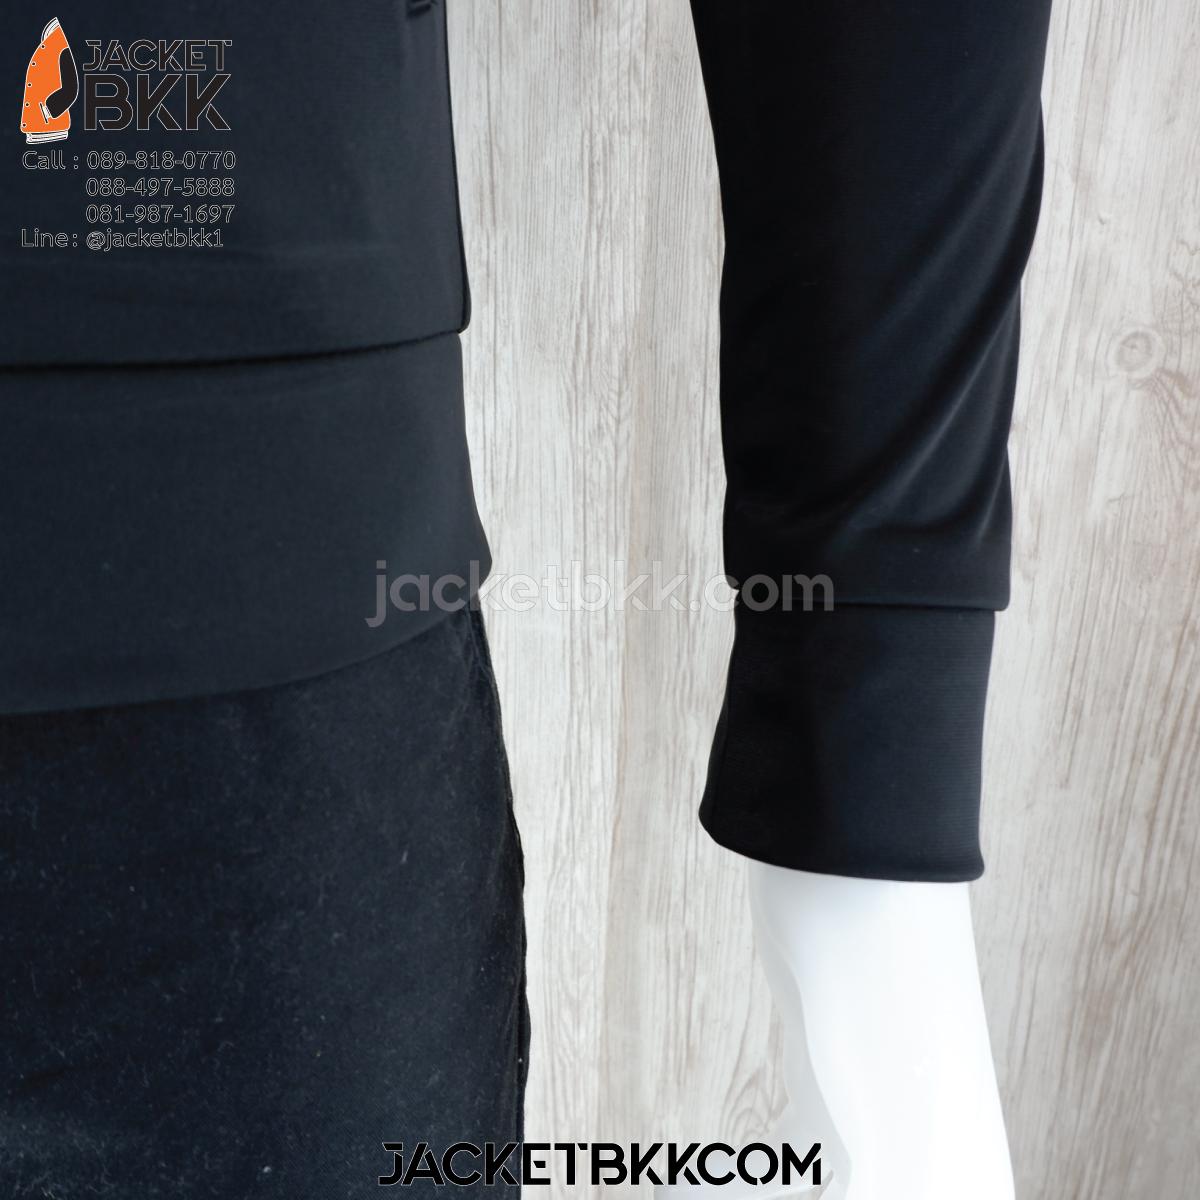 ร้านขายส่ง เสื้อแจ็คเก็ตผ้าขูดขน สีดำ โบ๊เบ๊ - บริการปักสกรีน